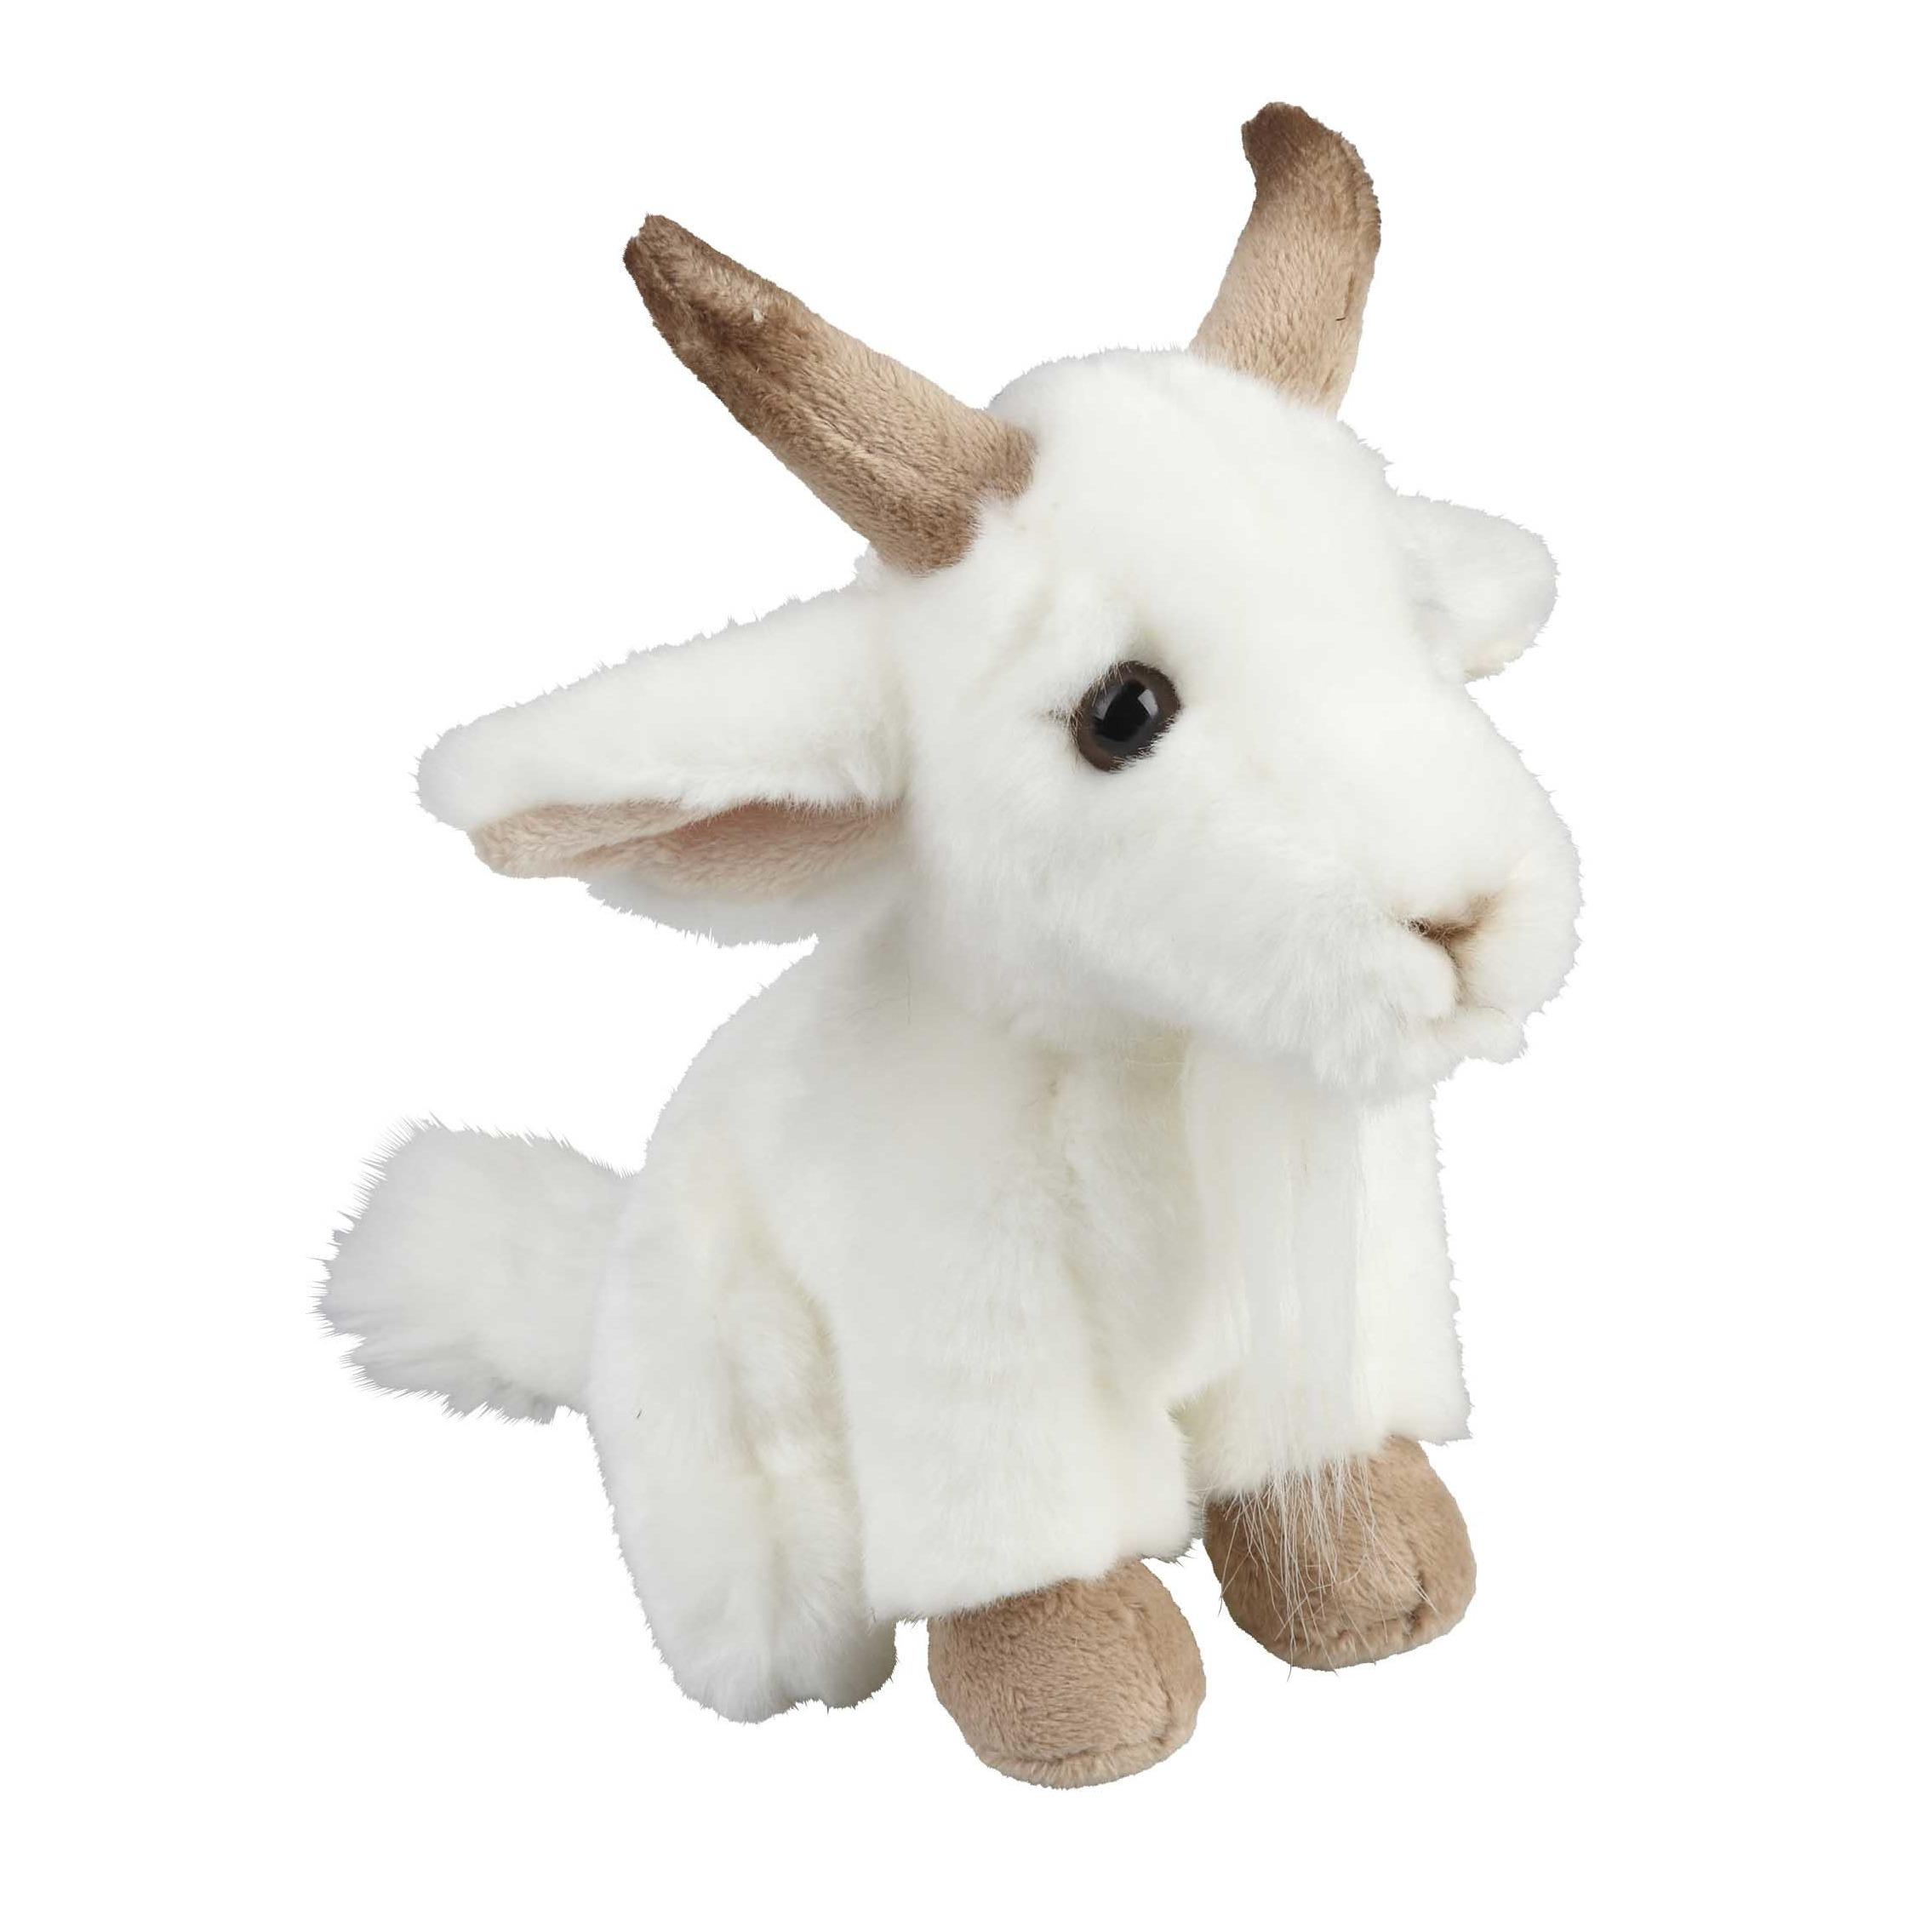 Pluche witte geit knuffel 18 cm knuffeldieren